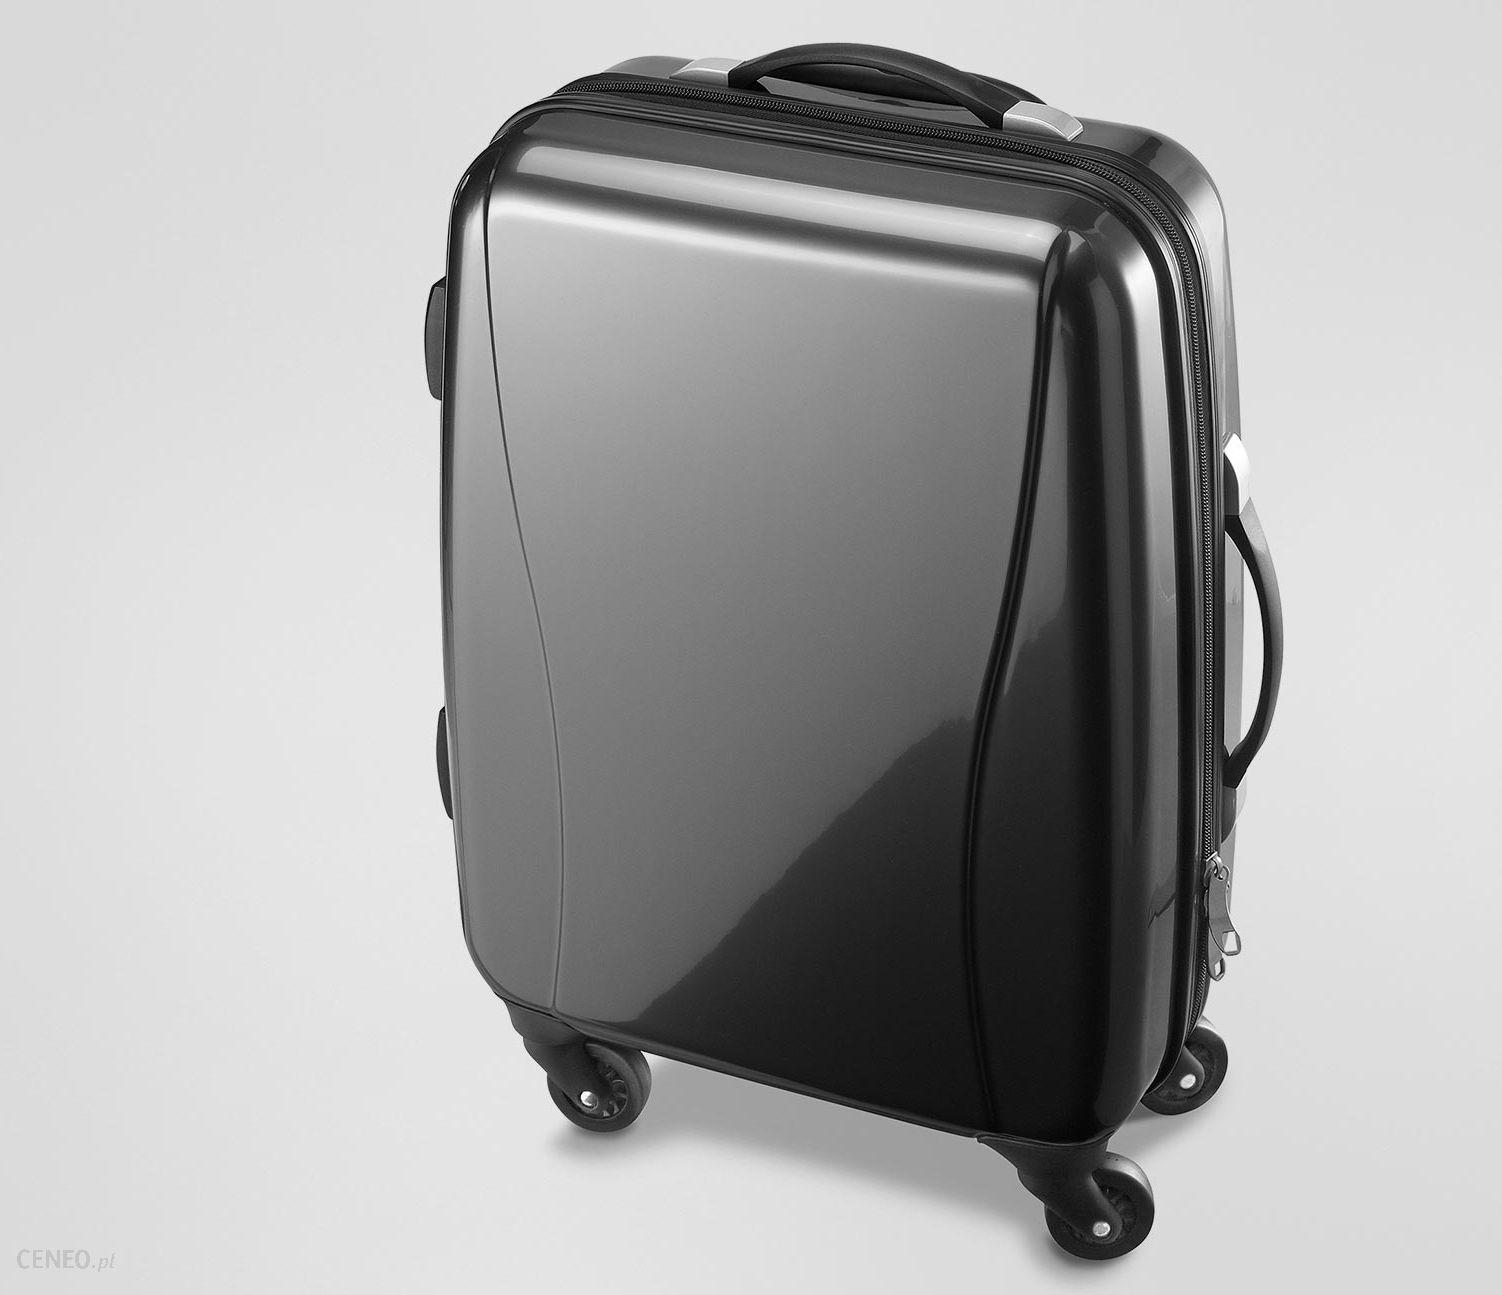 30dd4f75131ca Tchibo Twarda walizka na kółkach 26 l - Ceny i opinie - Ceneo.pl